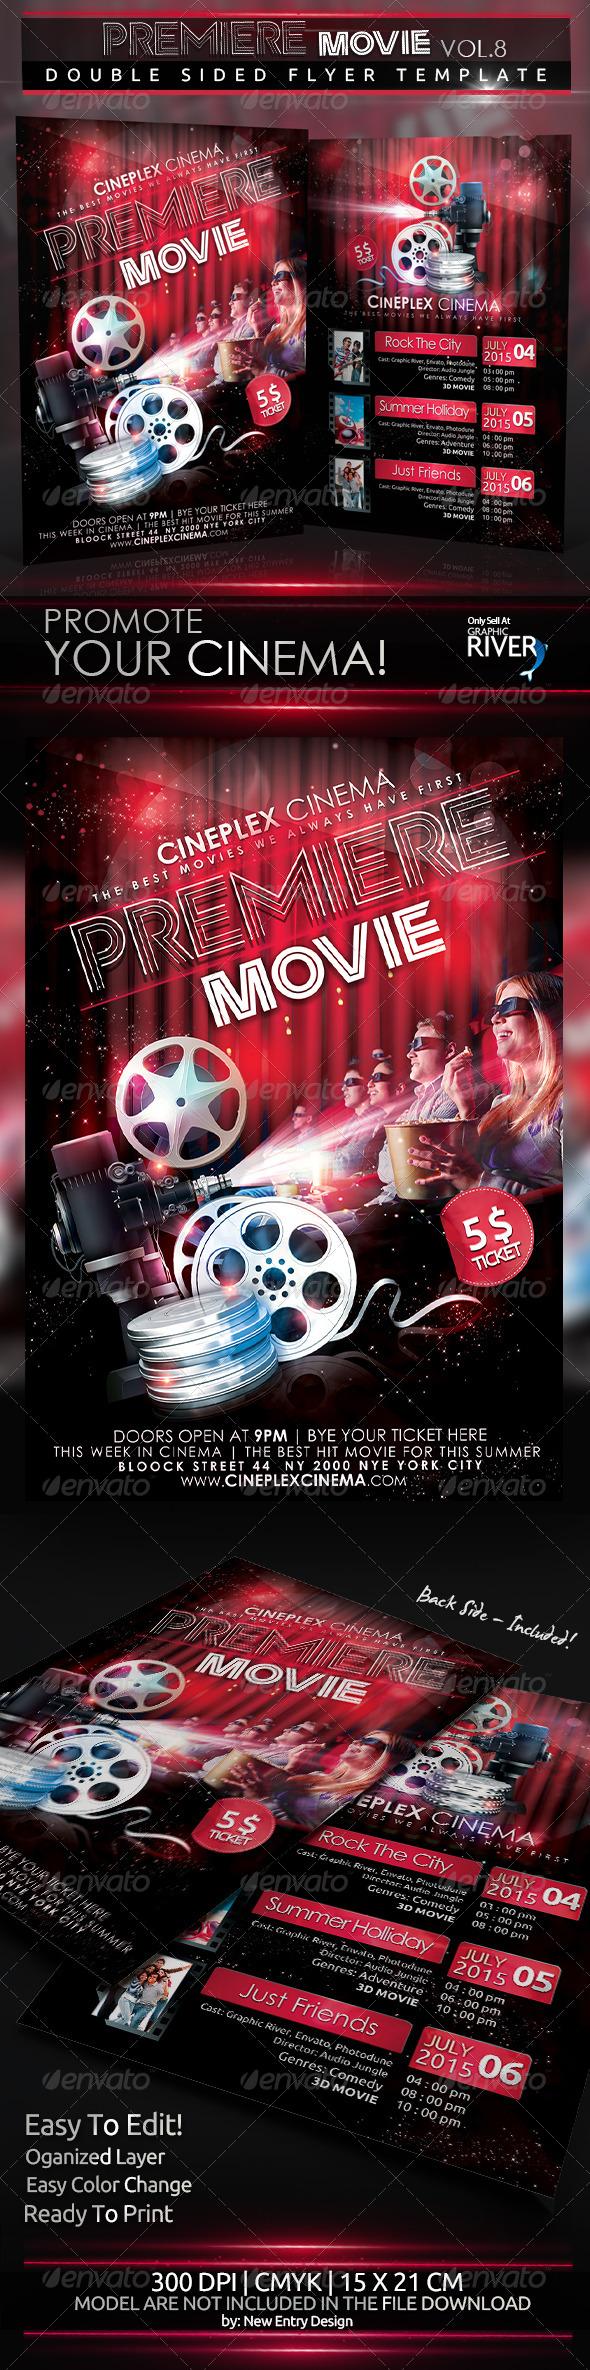 GraphicRiver Premiere Movie Vol8 5074830